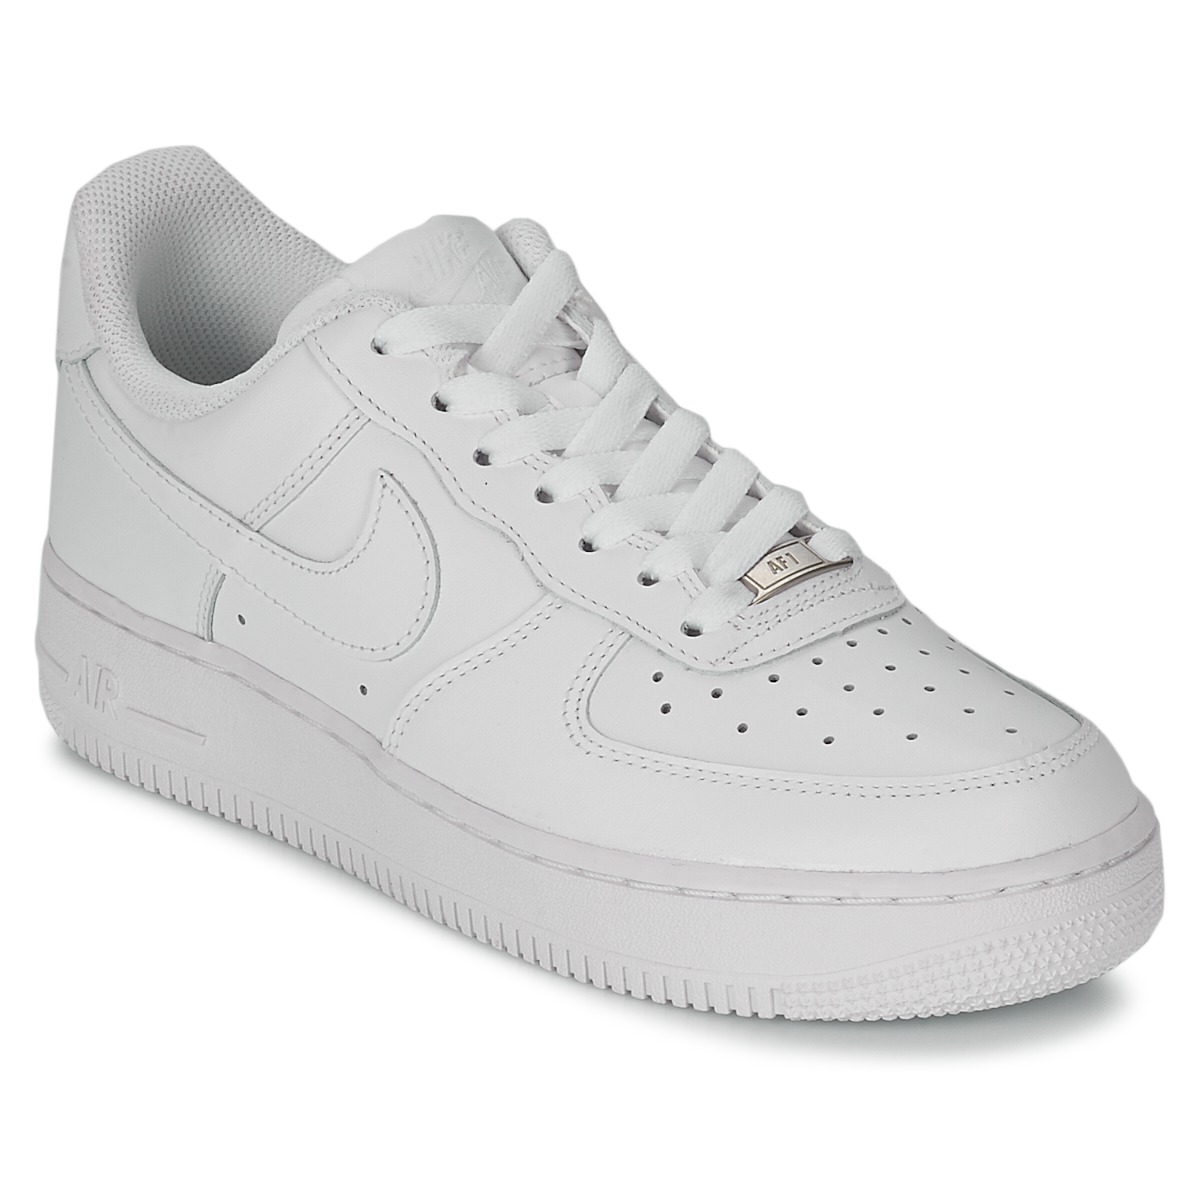 6a0e72ddcb6 Nike AIR FORCE 1 07 LEATHER W Branco - Entrega gratuita com a Spartoo.pt !  - Sapatos Sapatilhas Mulher 103